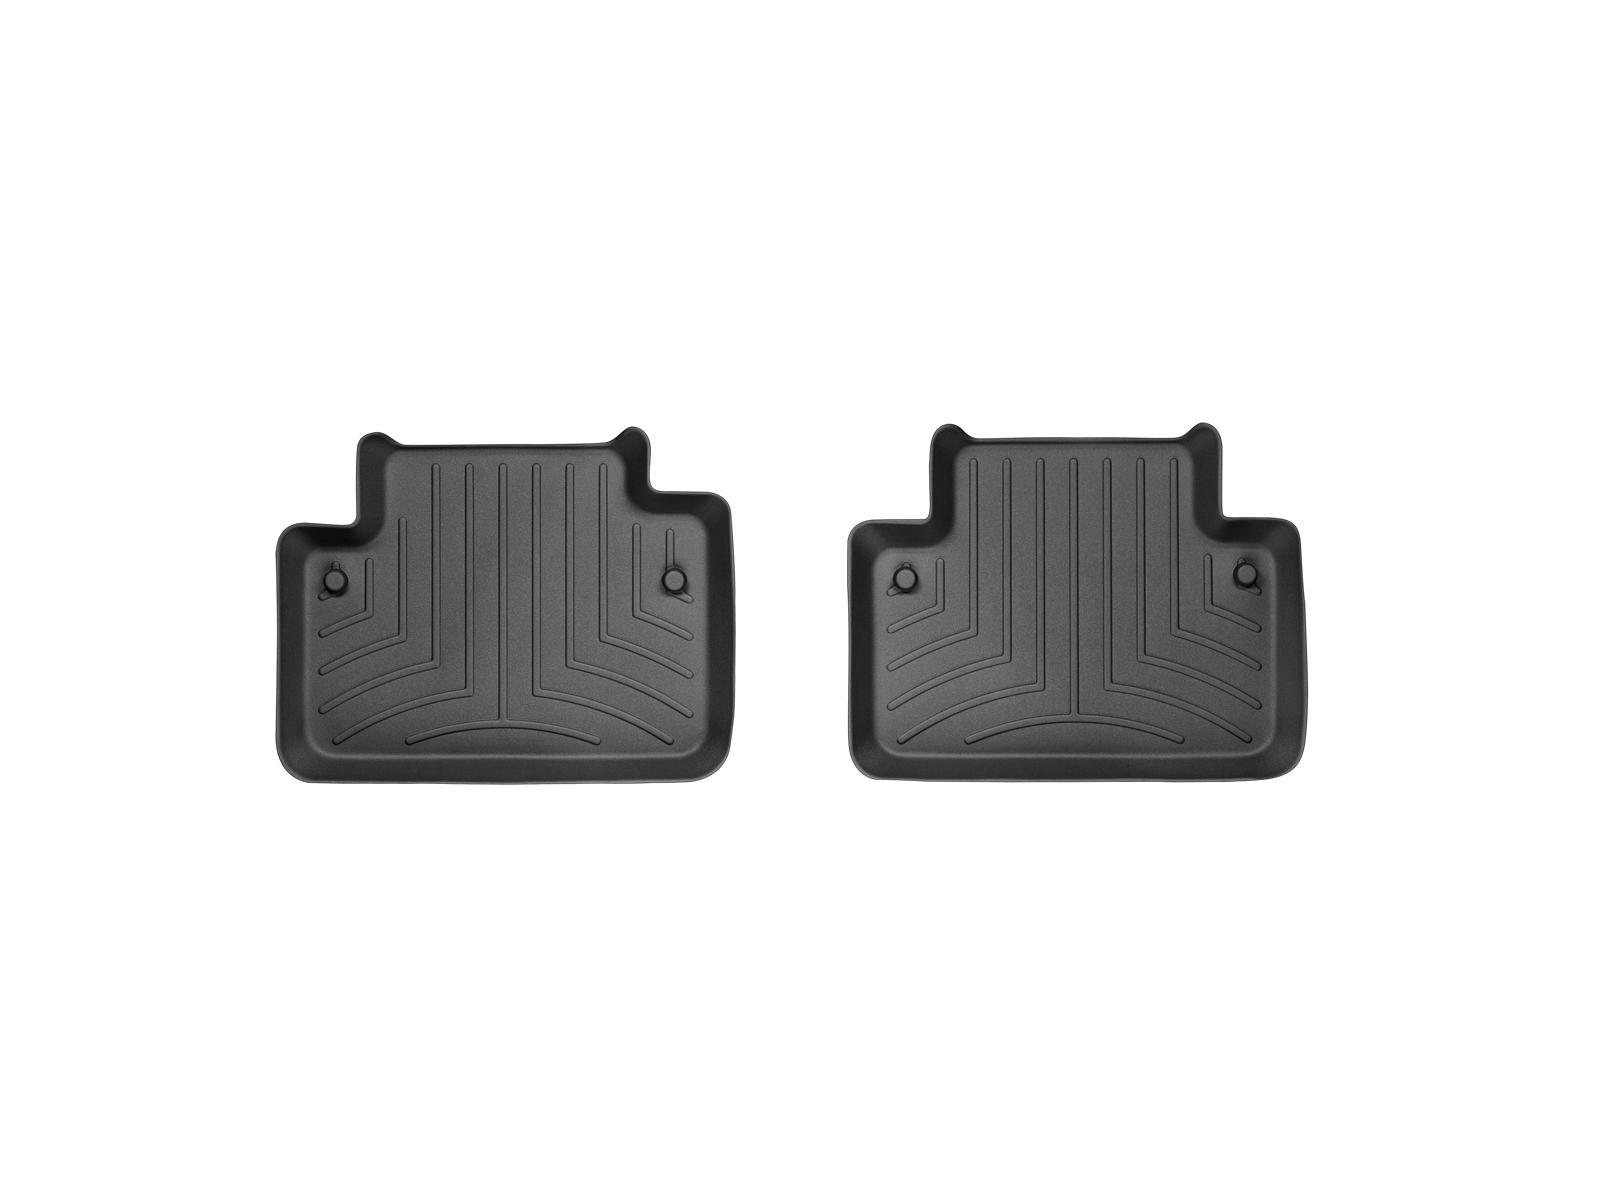 Tappeti gomma su misura bordo alto Volvo XC90 03>14 Nero A4449*